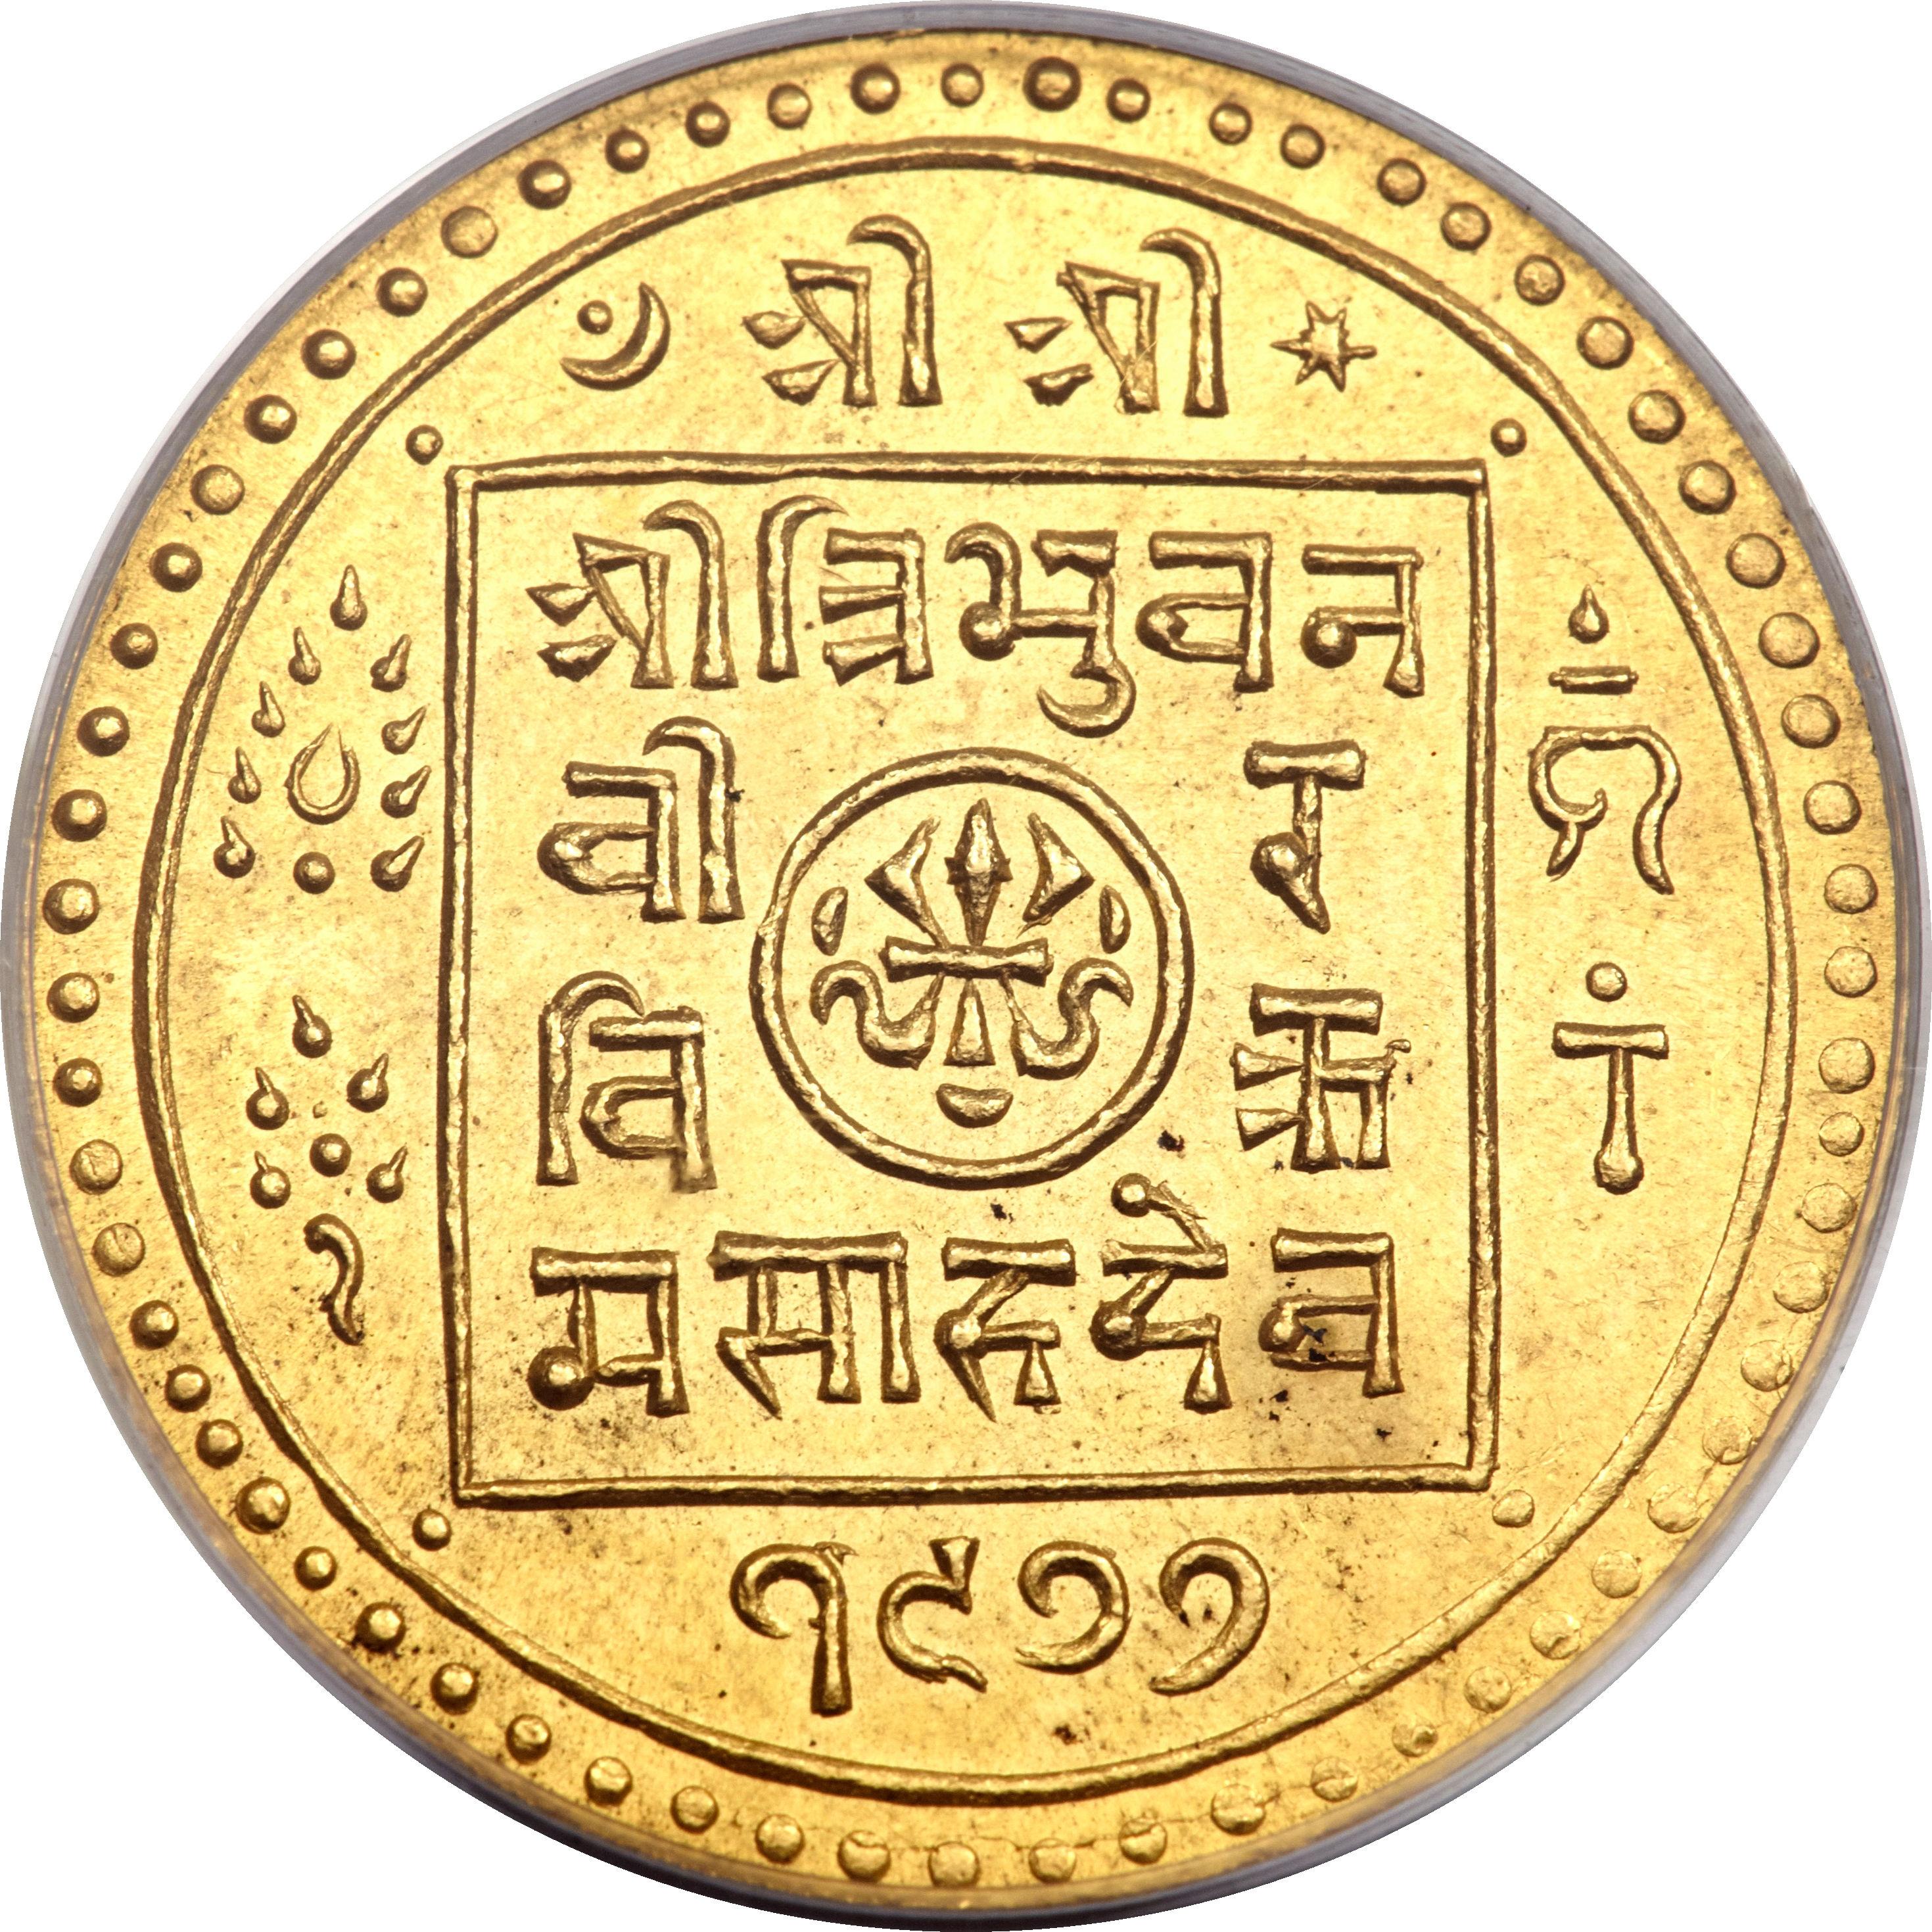 1 Tola - Tribhuvana Bir Bikram - Nepal – Numista